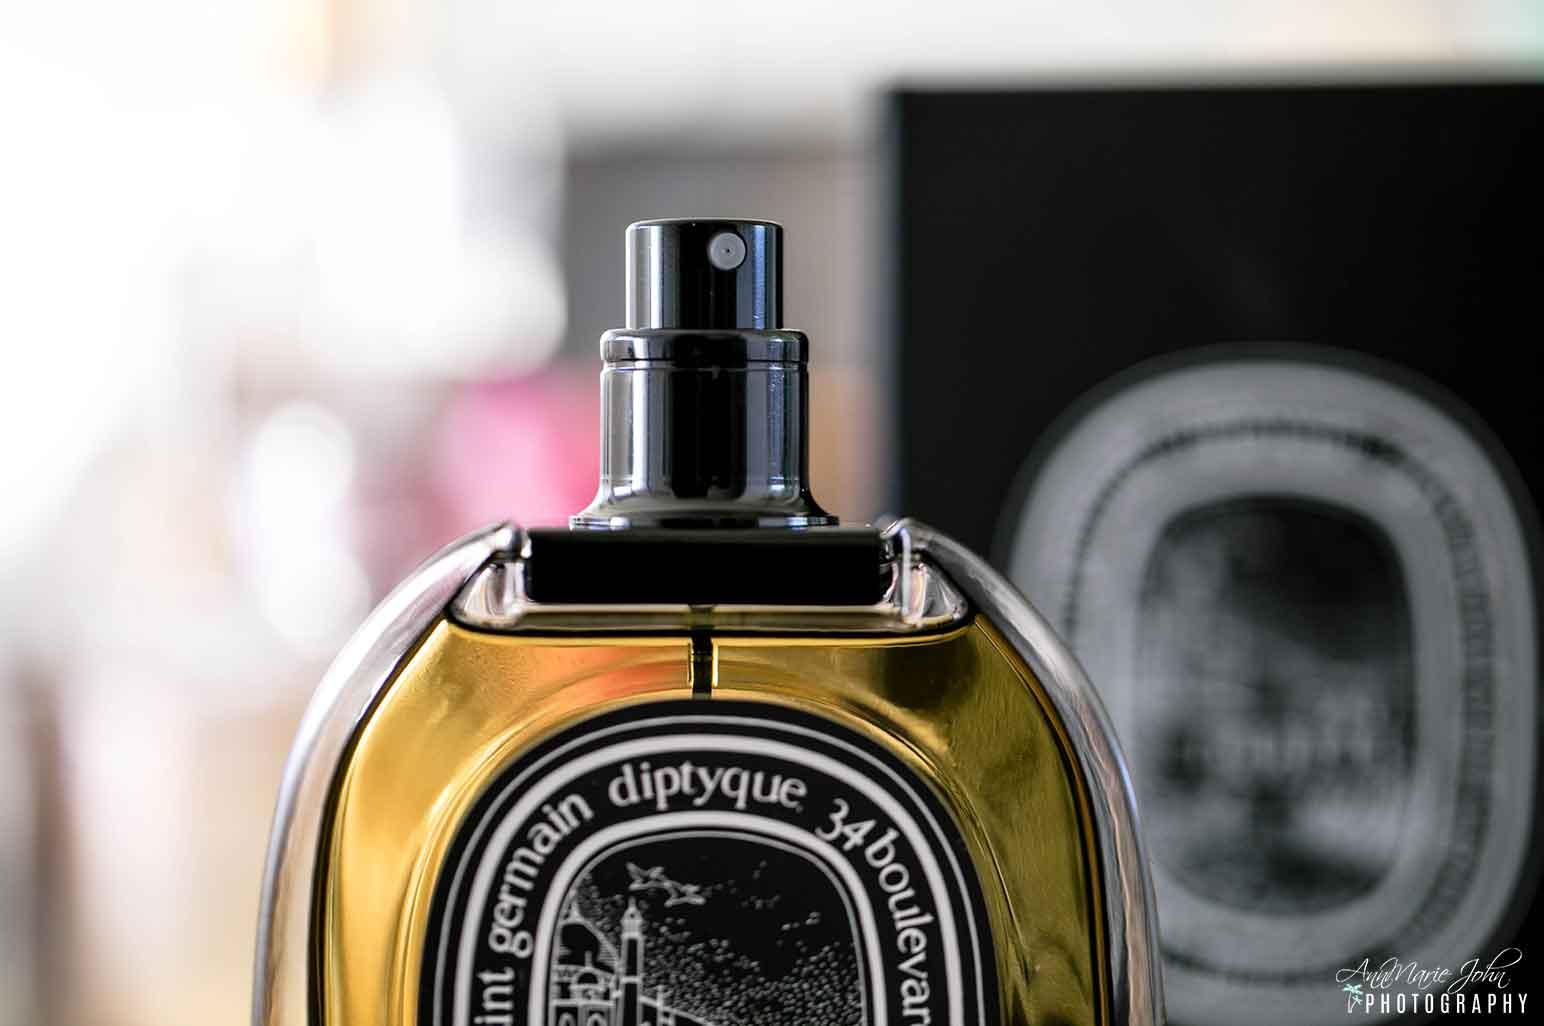 Eau Duelle Eau de Parfum by Diptque Review